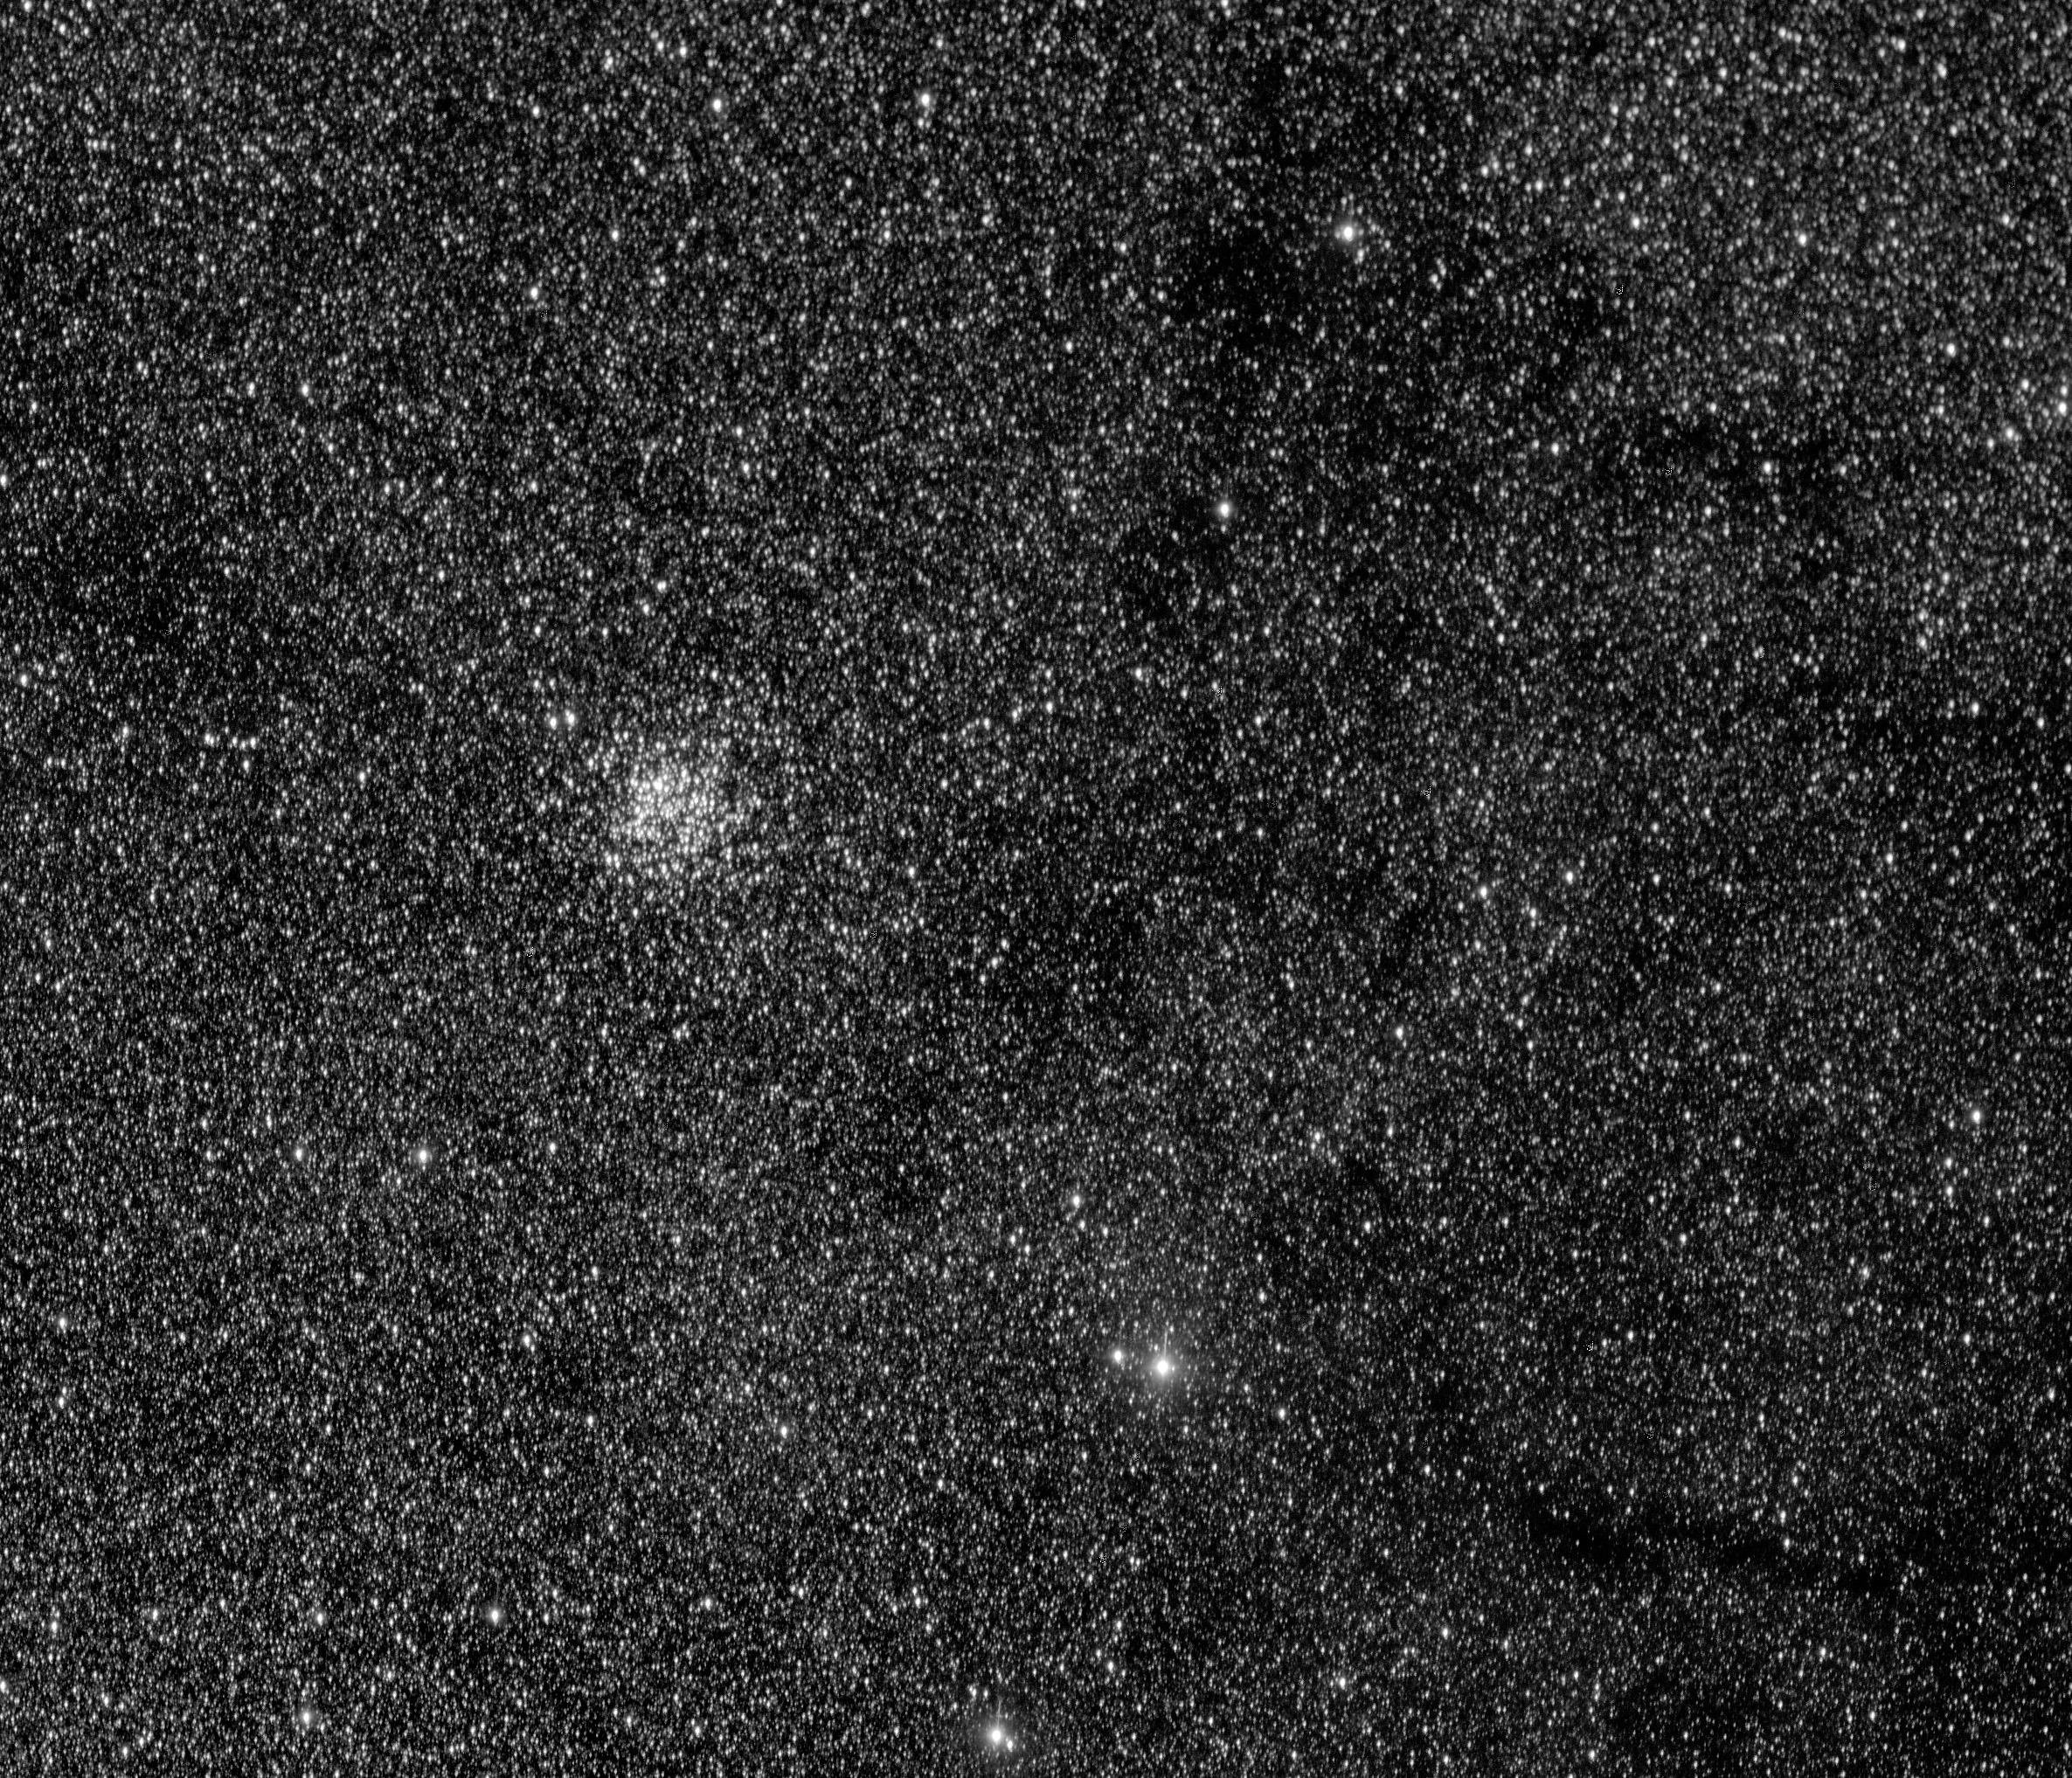 Houston Westbury Gardens: Houston Astronomical Society